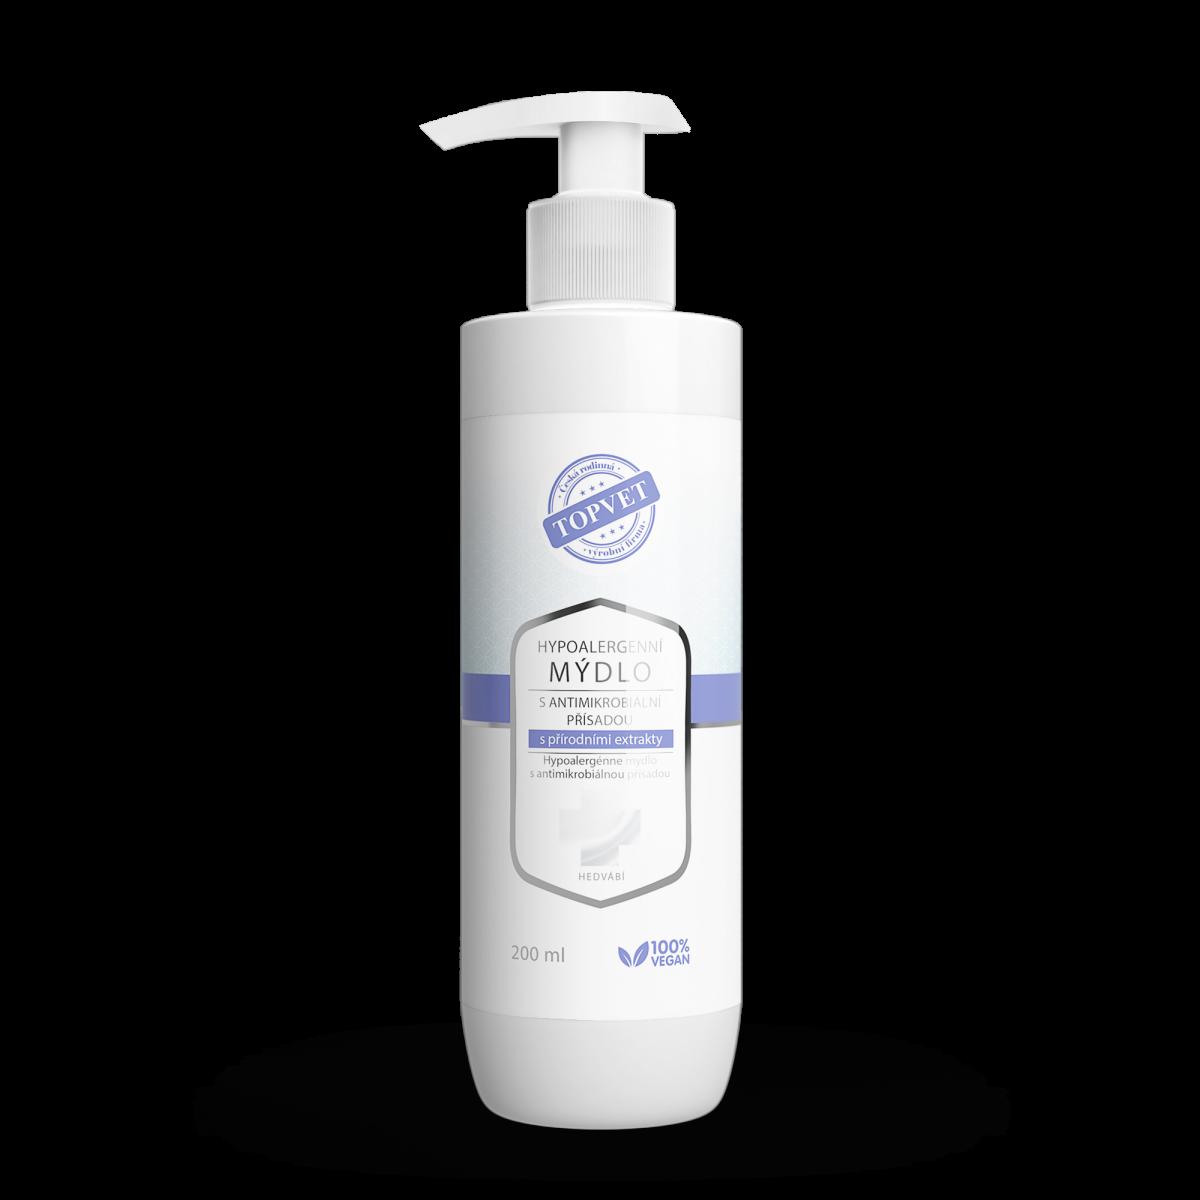 TOPVET Hypoalergénne mydlo s antimikr. prísadou s prírodnými extraktmi 200ml